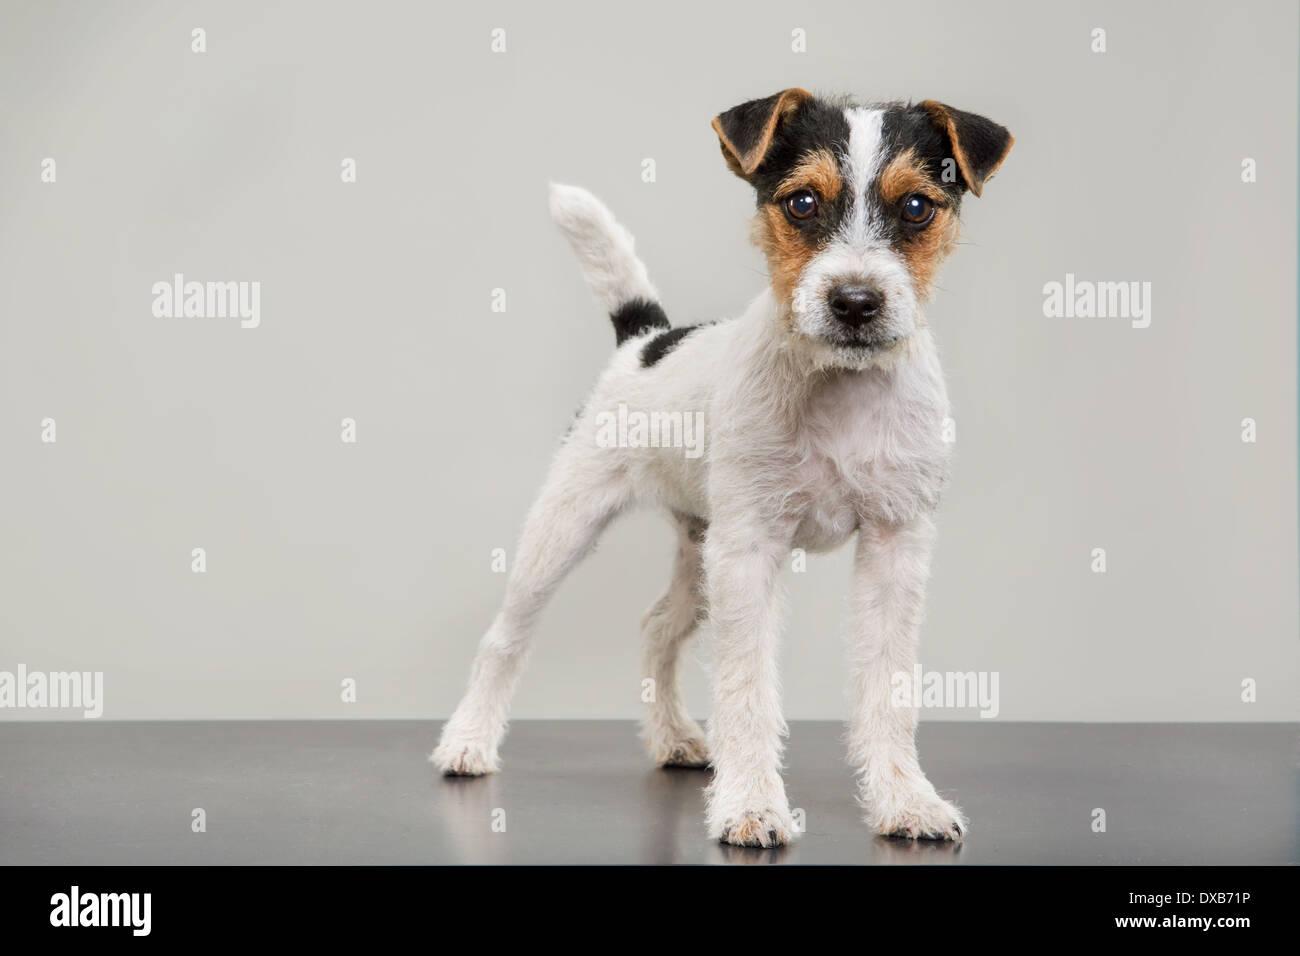 Studio-Porträt der Jack Russell Terrier Welpe stehend, in die Kamera starrt. Stockbild